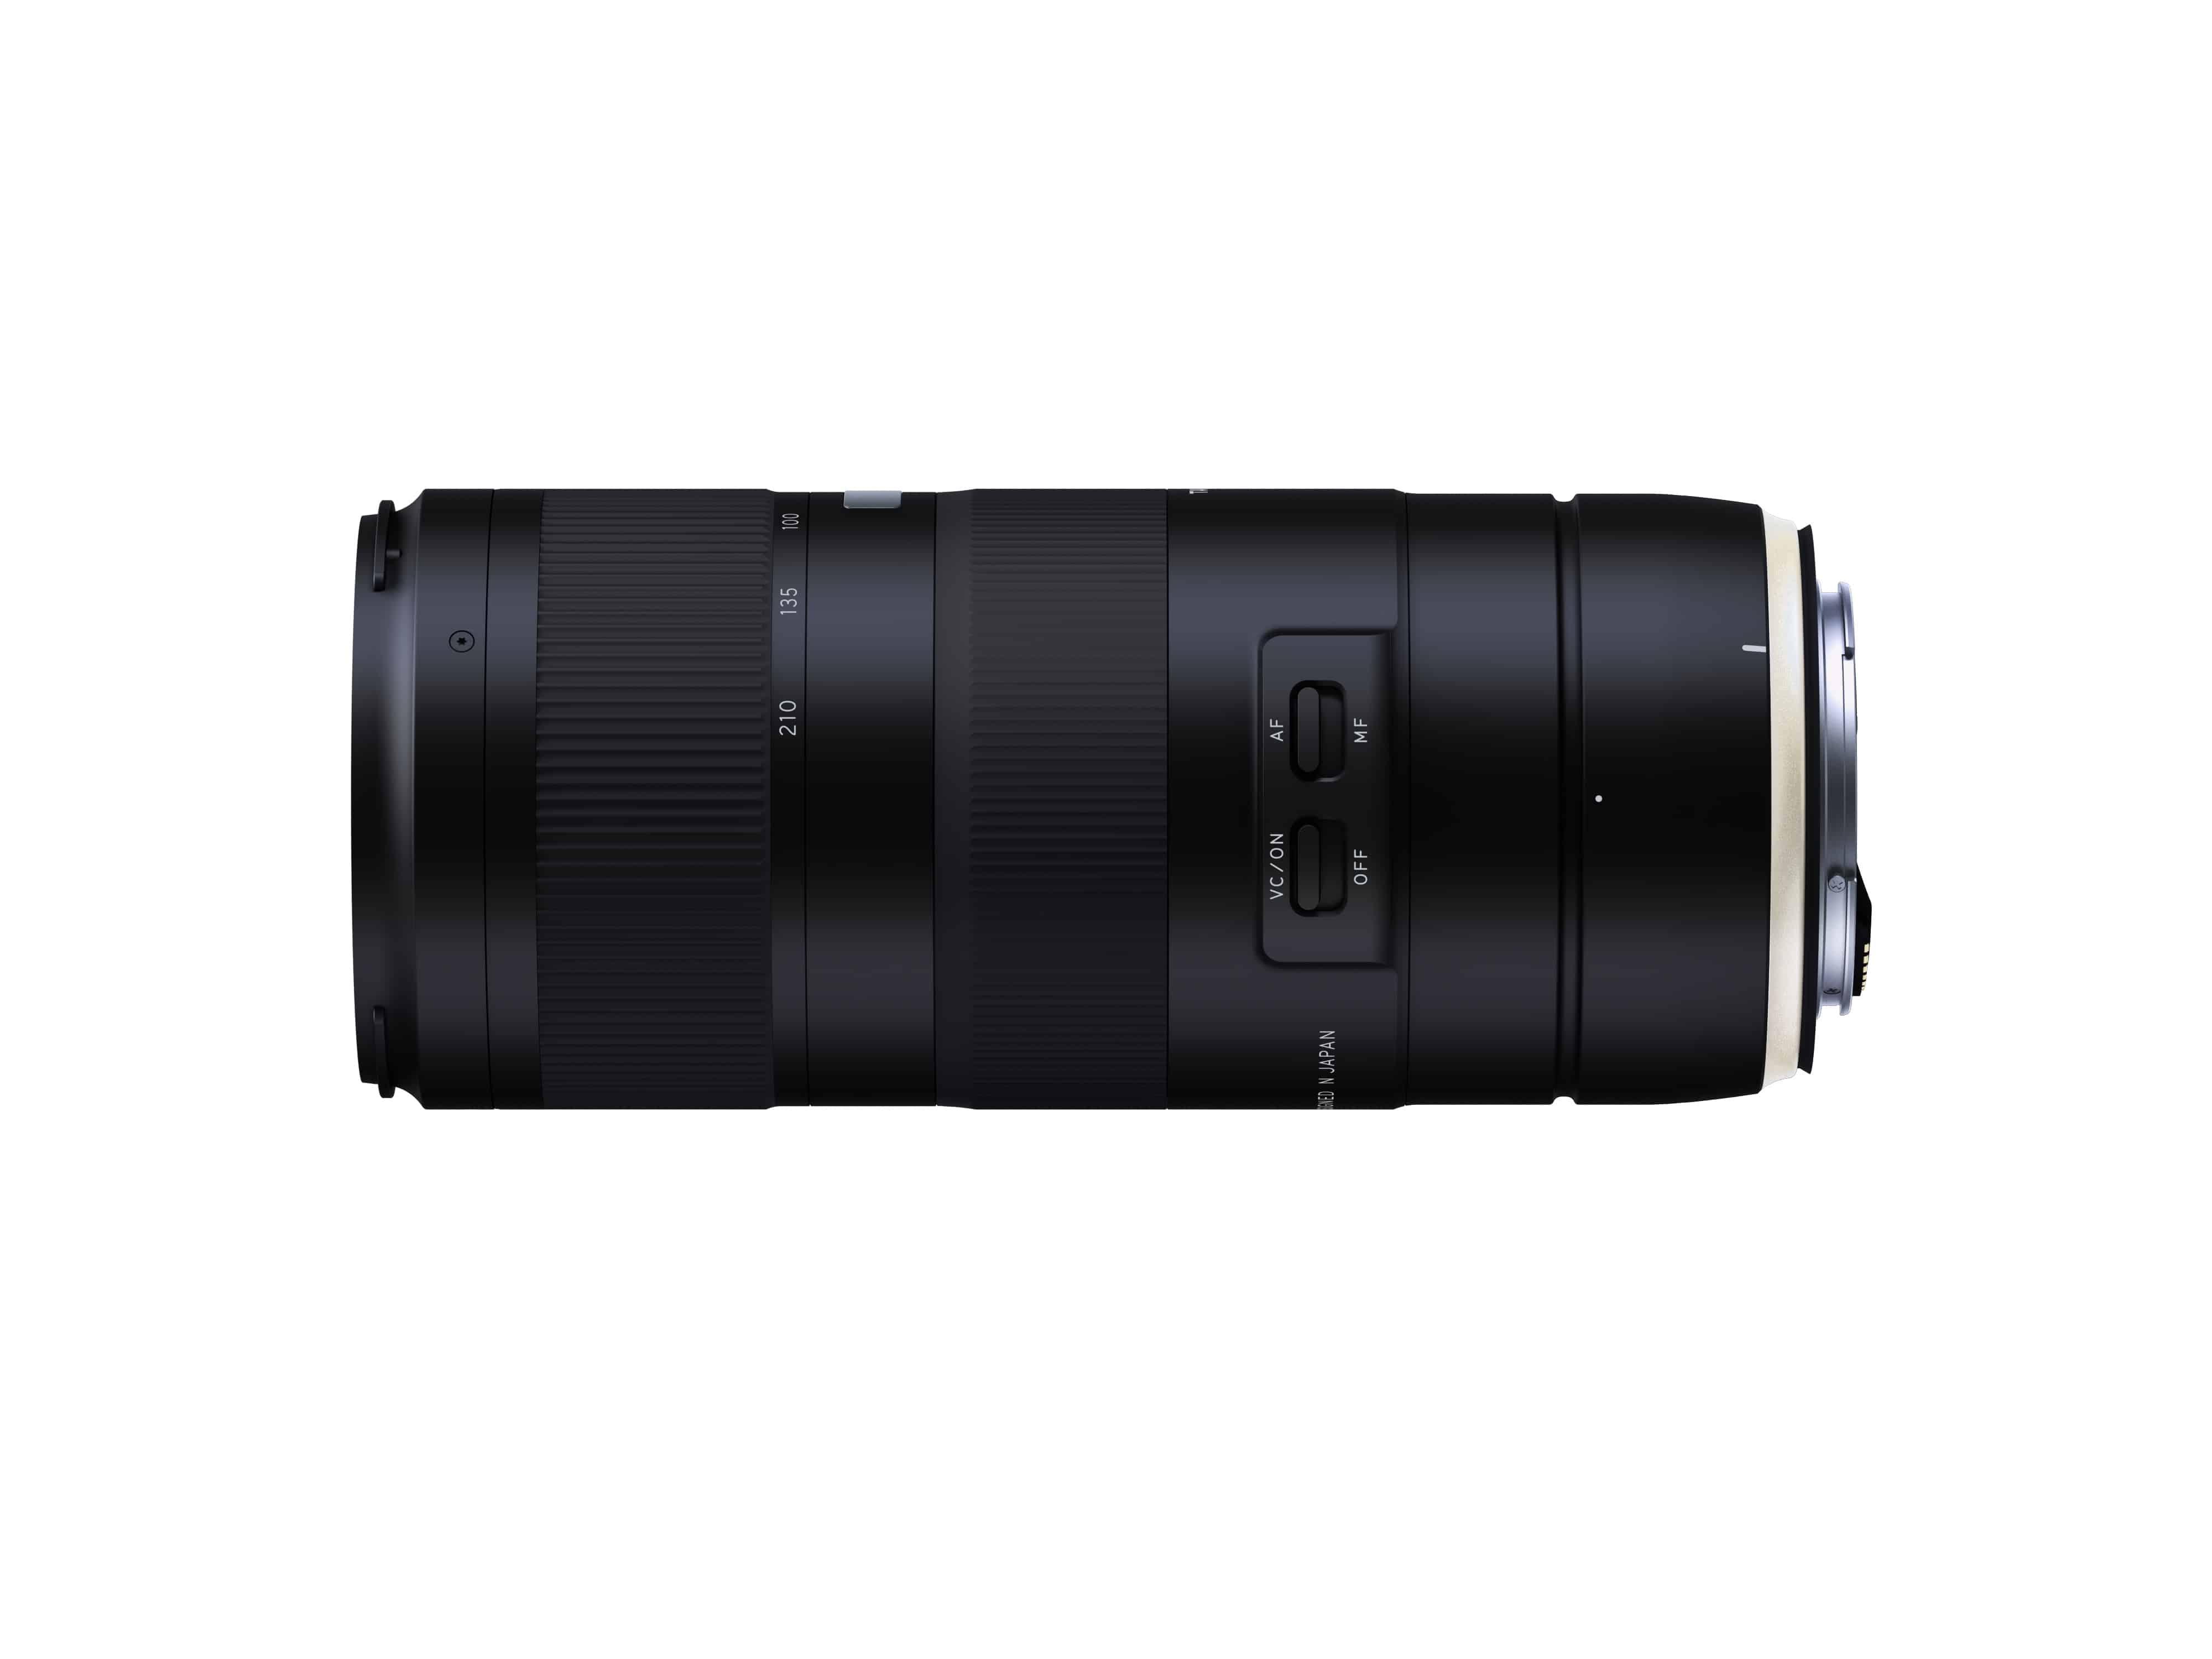 Tamron 70-210mm